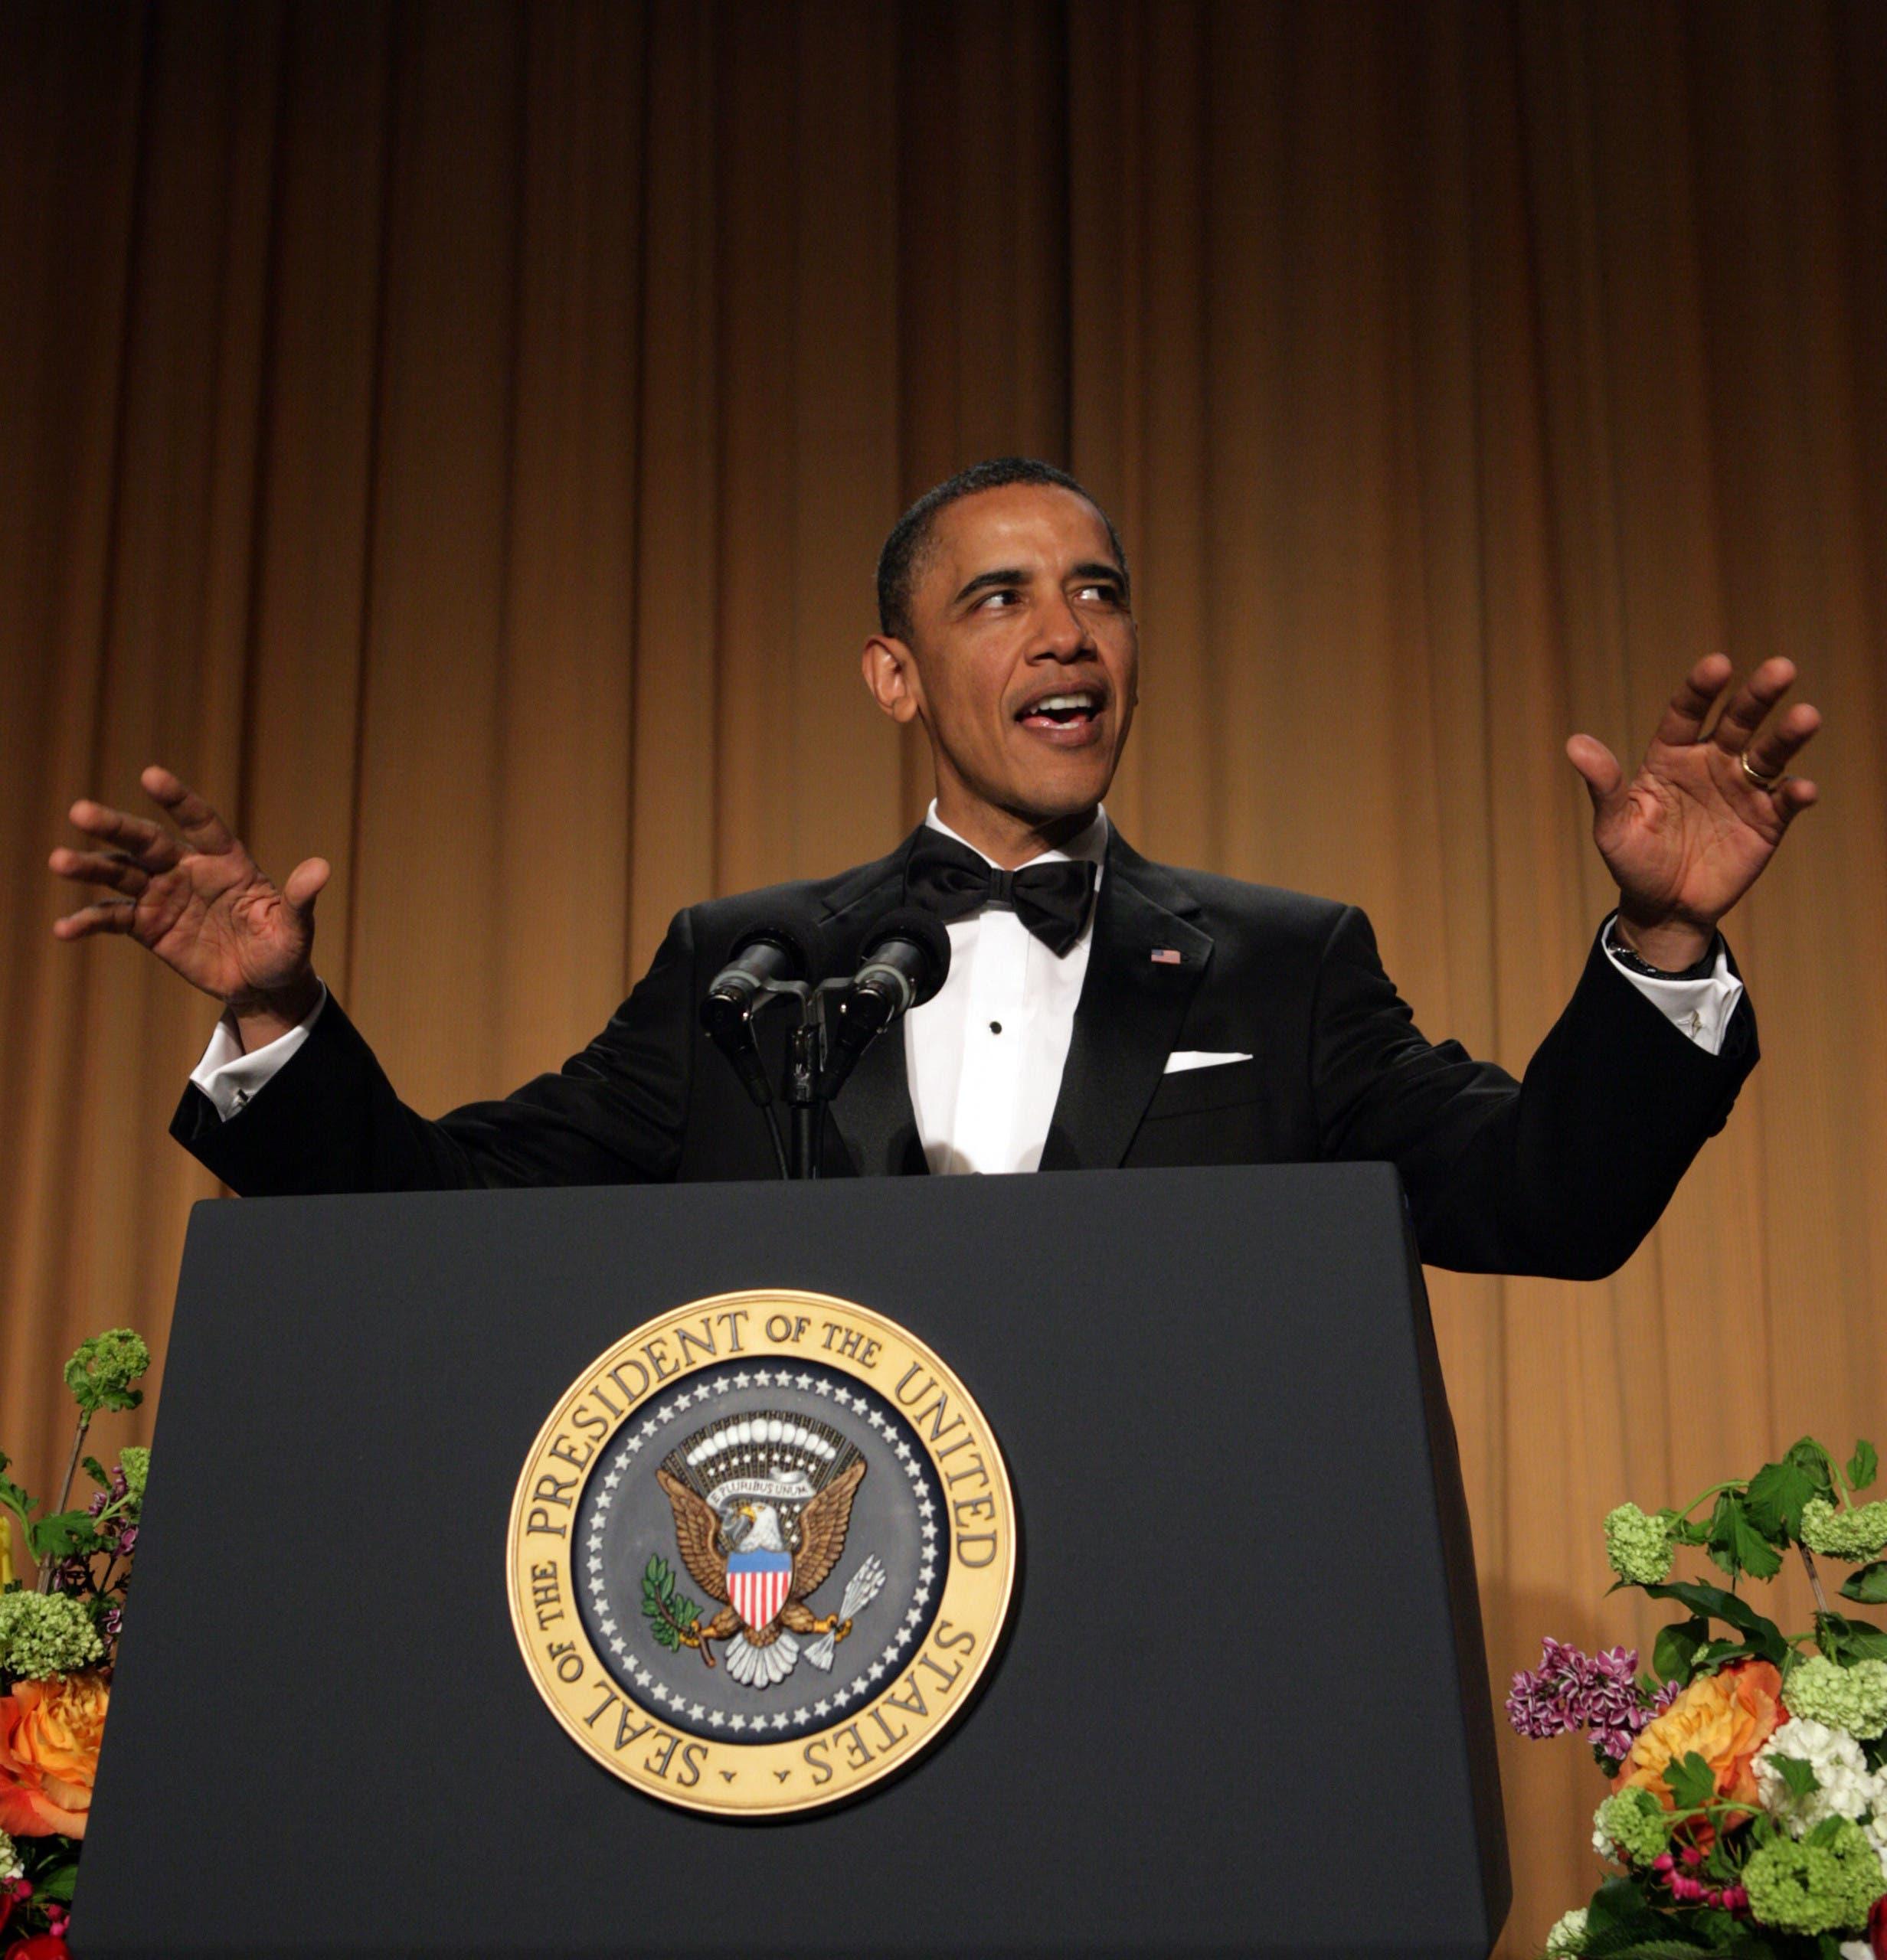 أوباما في العشاء السنوي عام 2011 الذي سخر فيه من ترمب